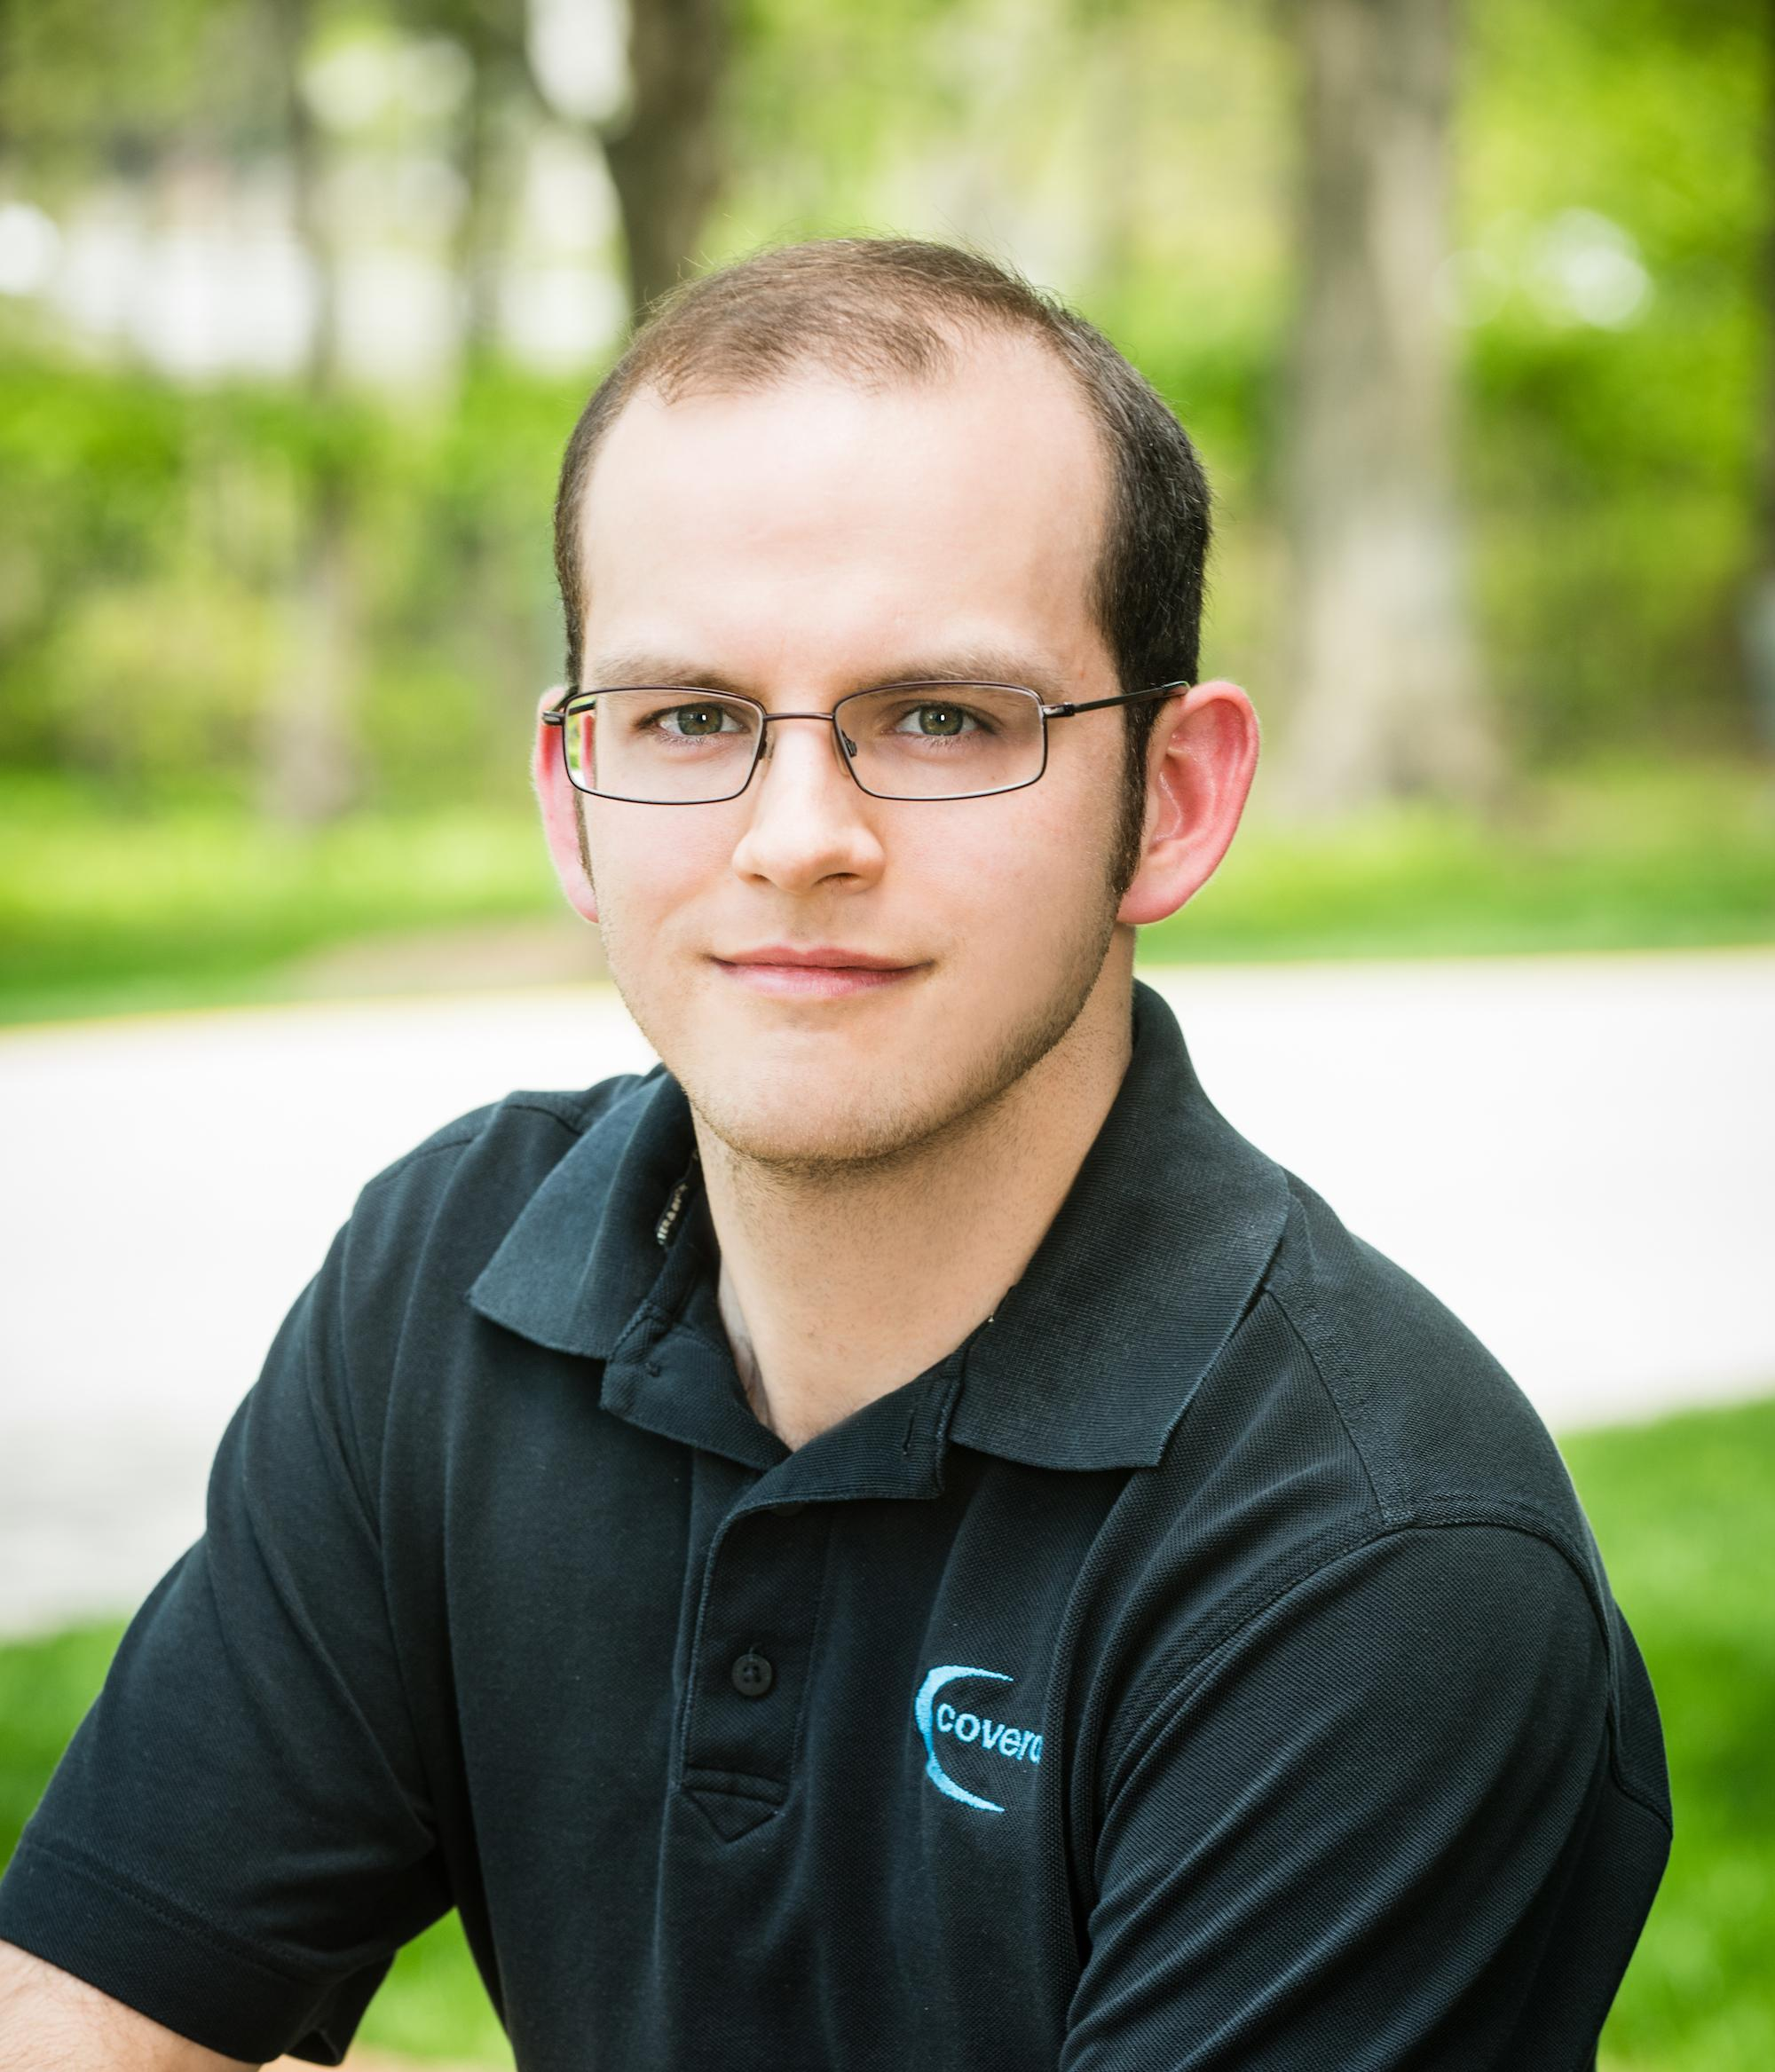 Jonathan Kauffman